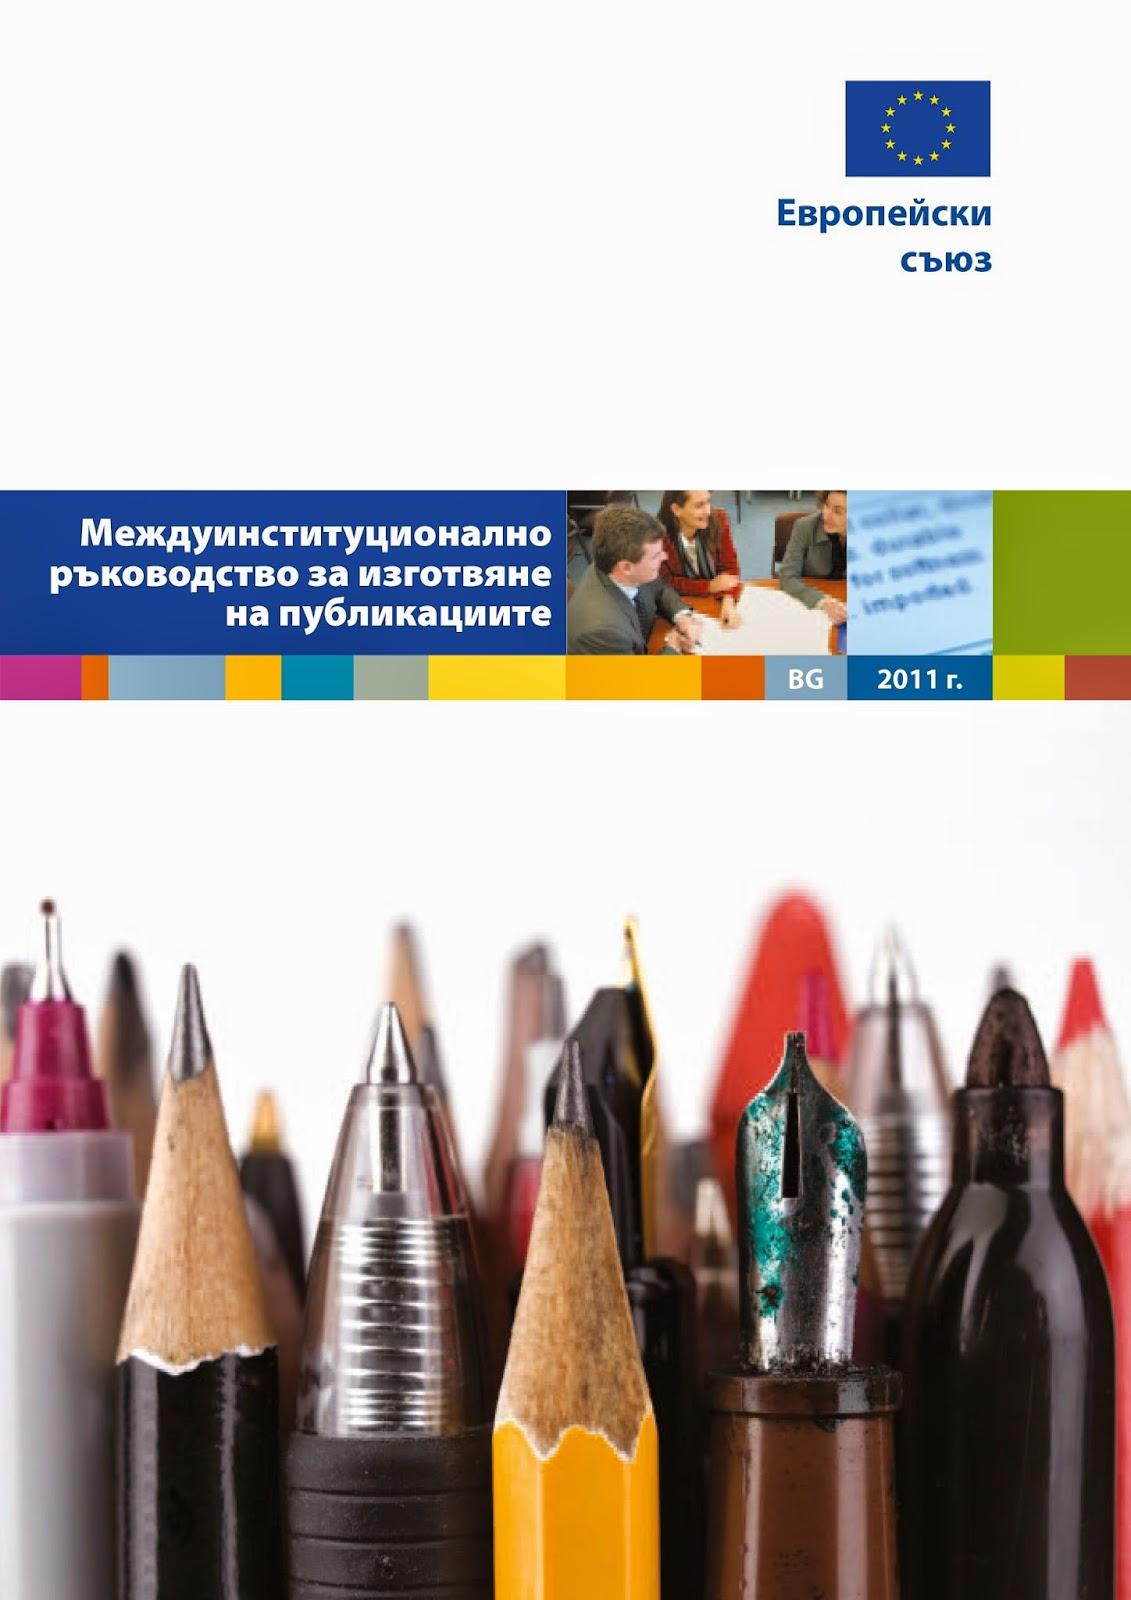 Междуинституционално ръководство за изготвяне на публикациите 2011